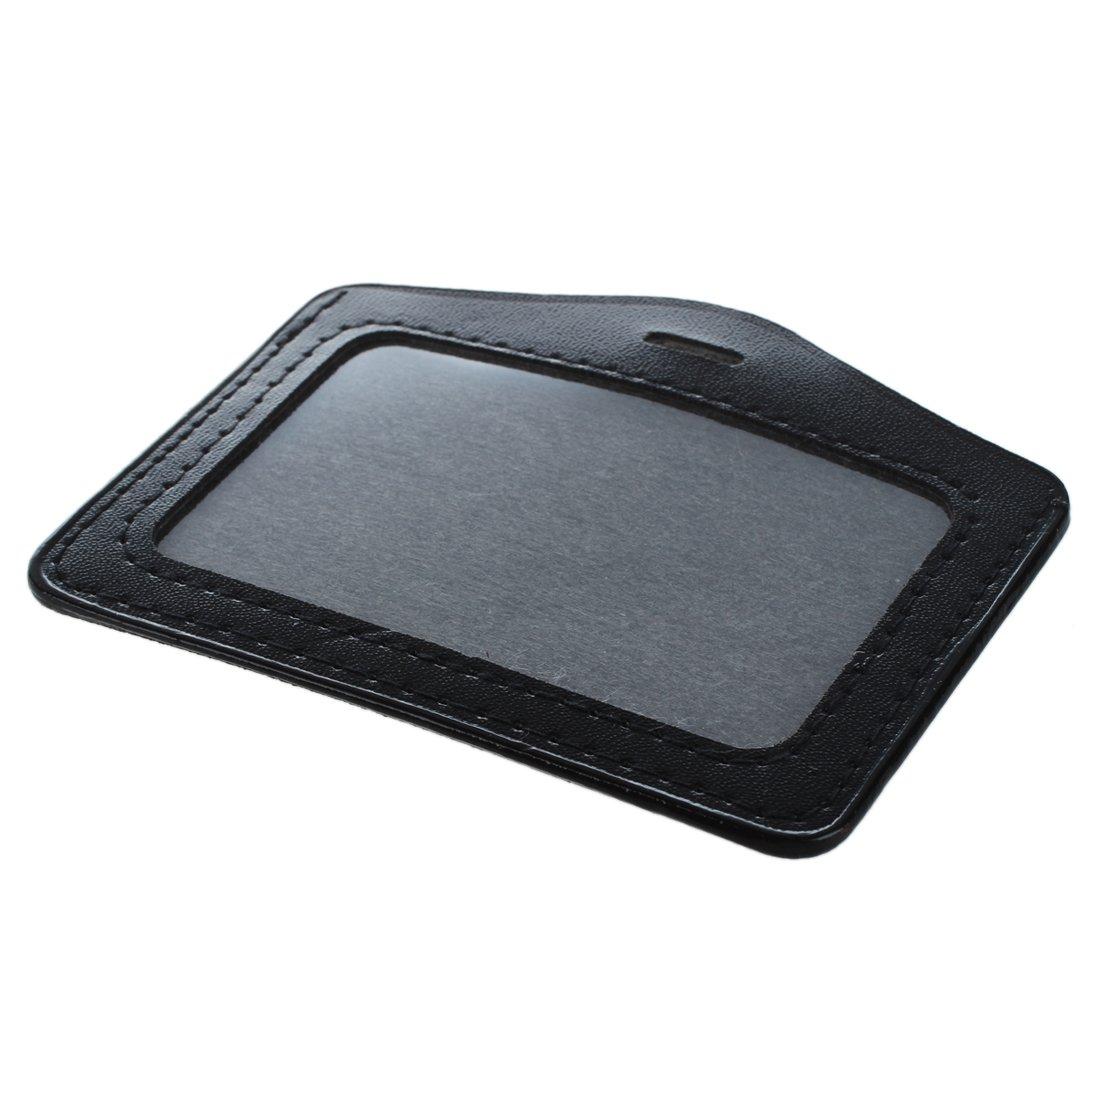 5 Stueck schwarz Durchsichtig Kunstleder Business ID-Karte Abzeichen-Halter SODIAL R